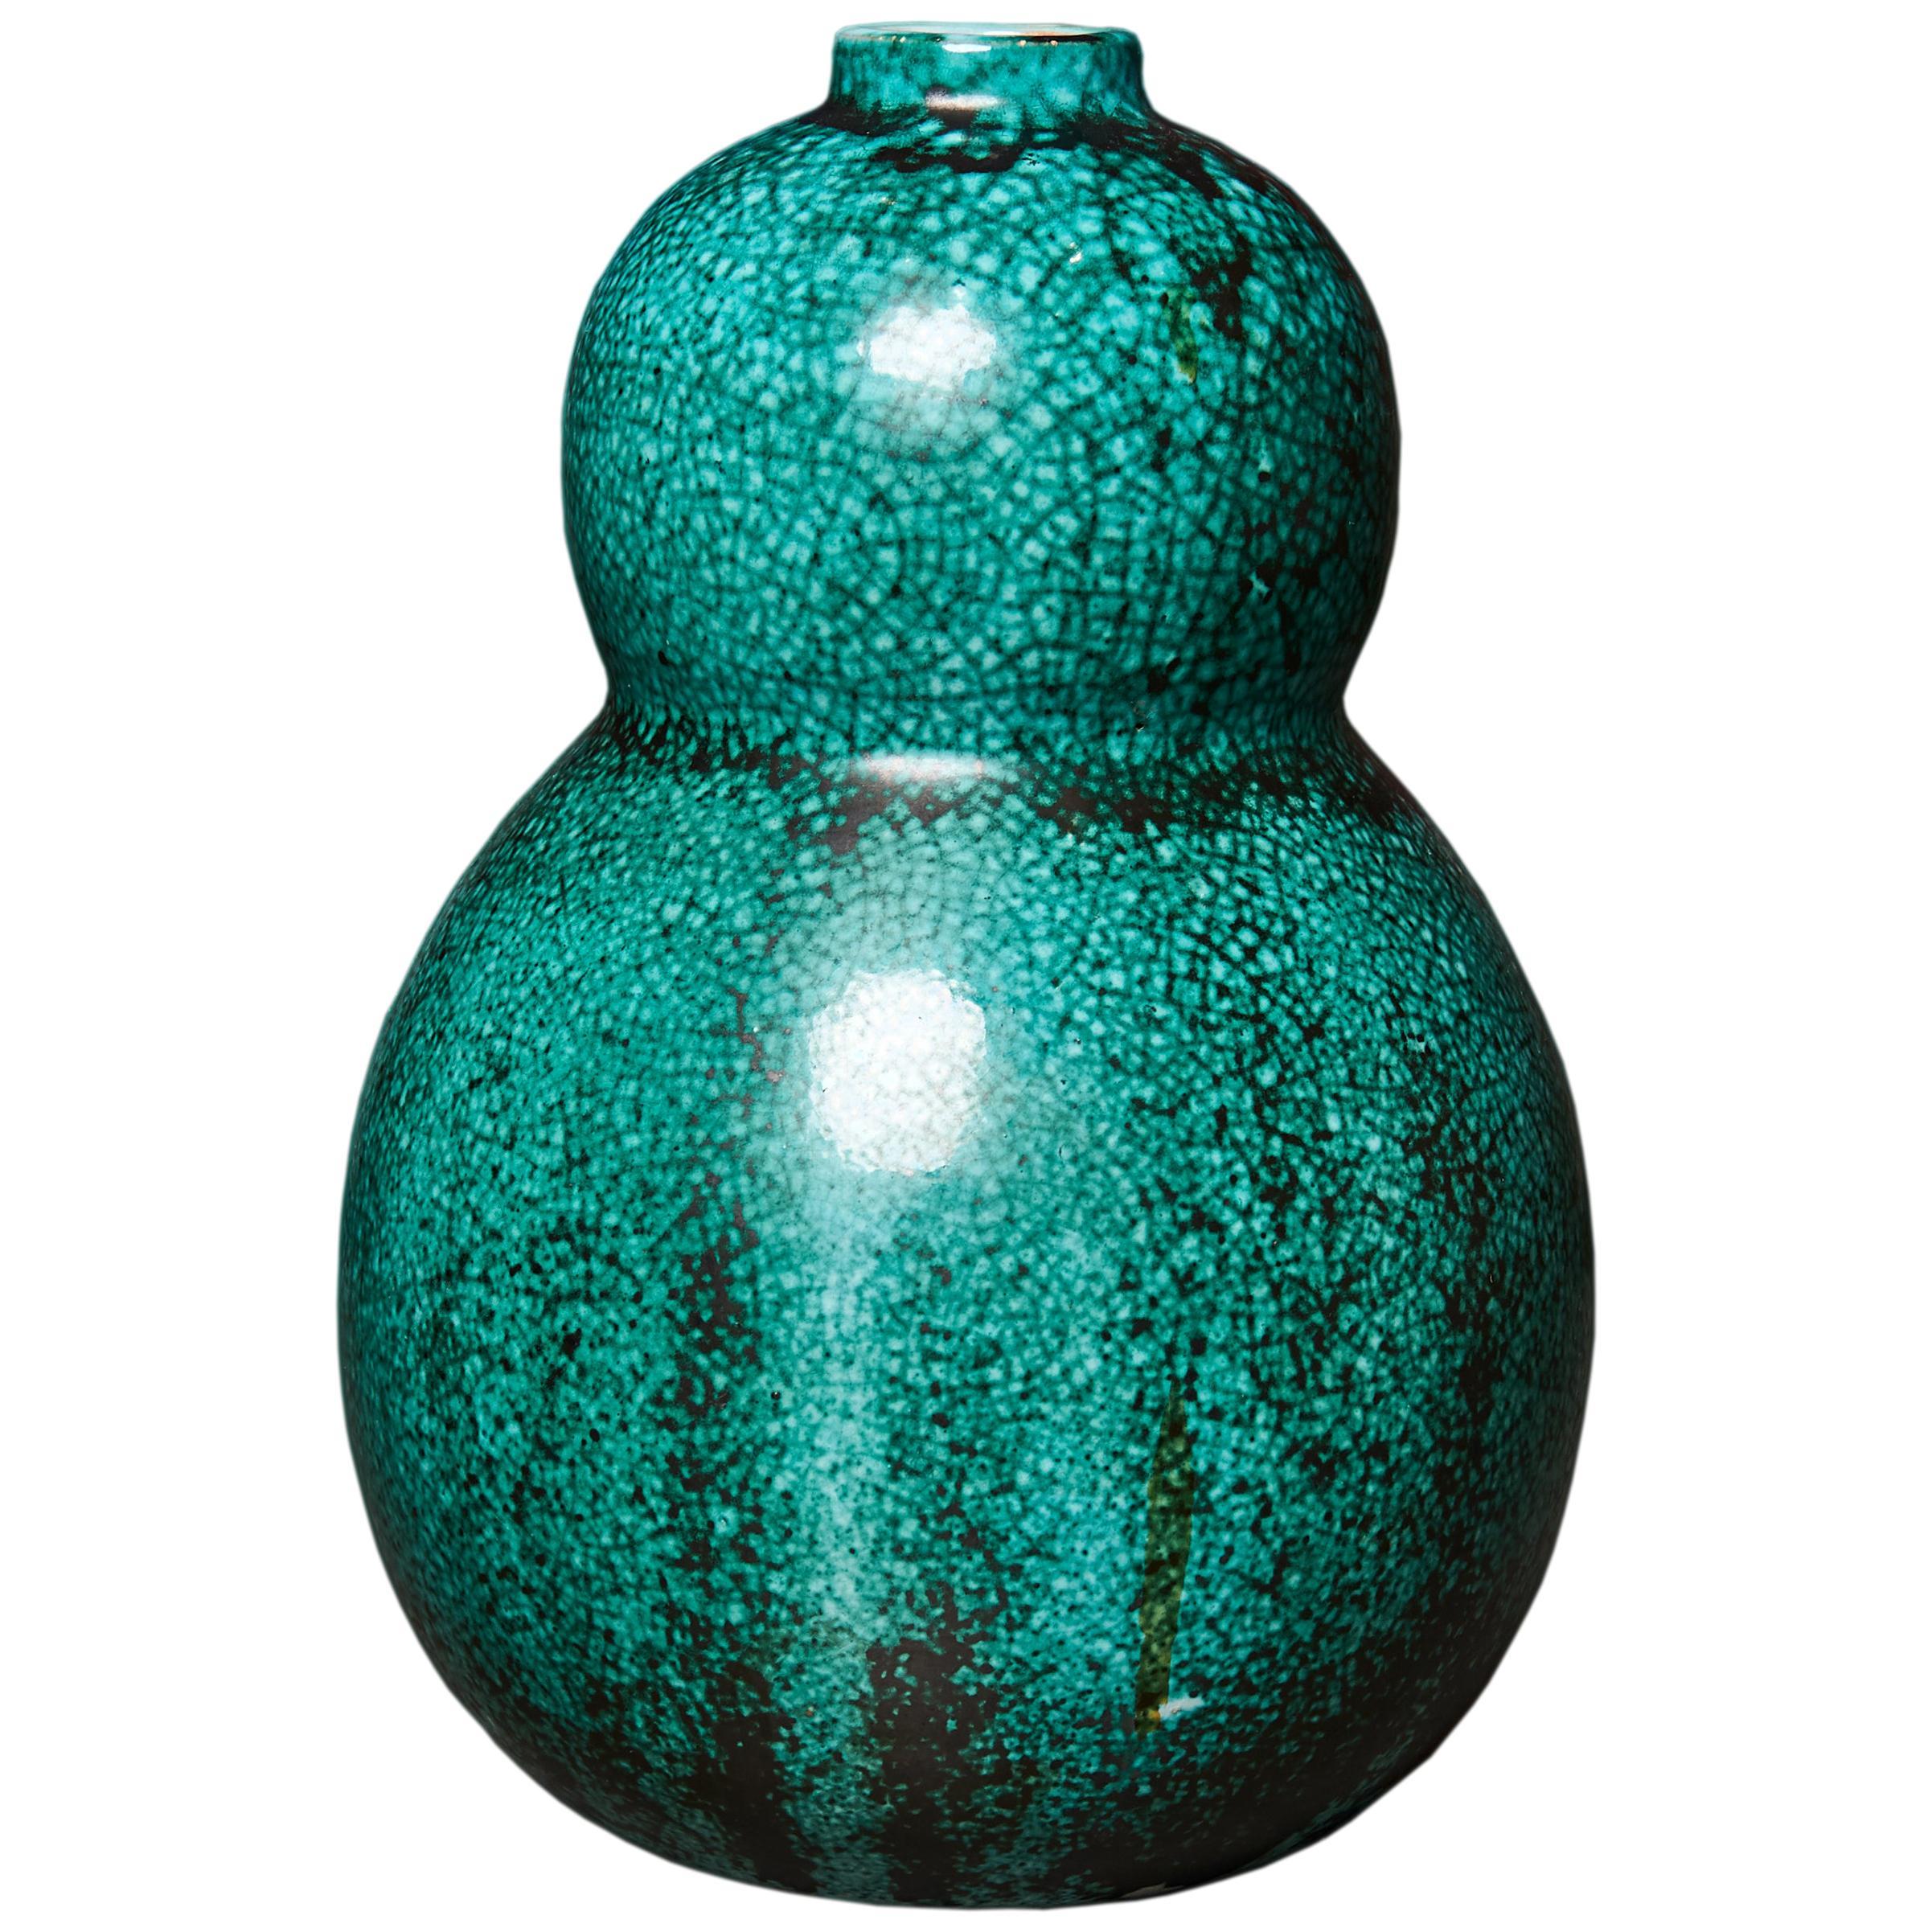 Primavera Glazed Ceramic Vase, France, c. 1930s